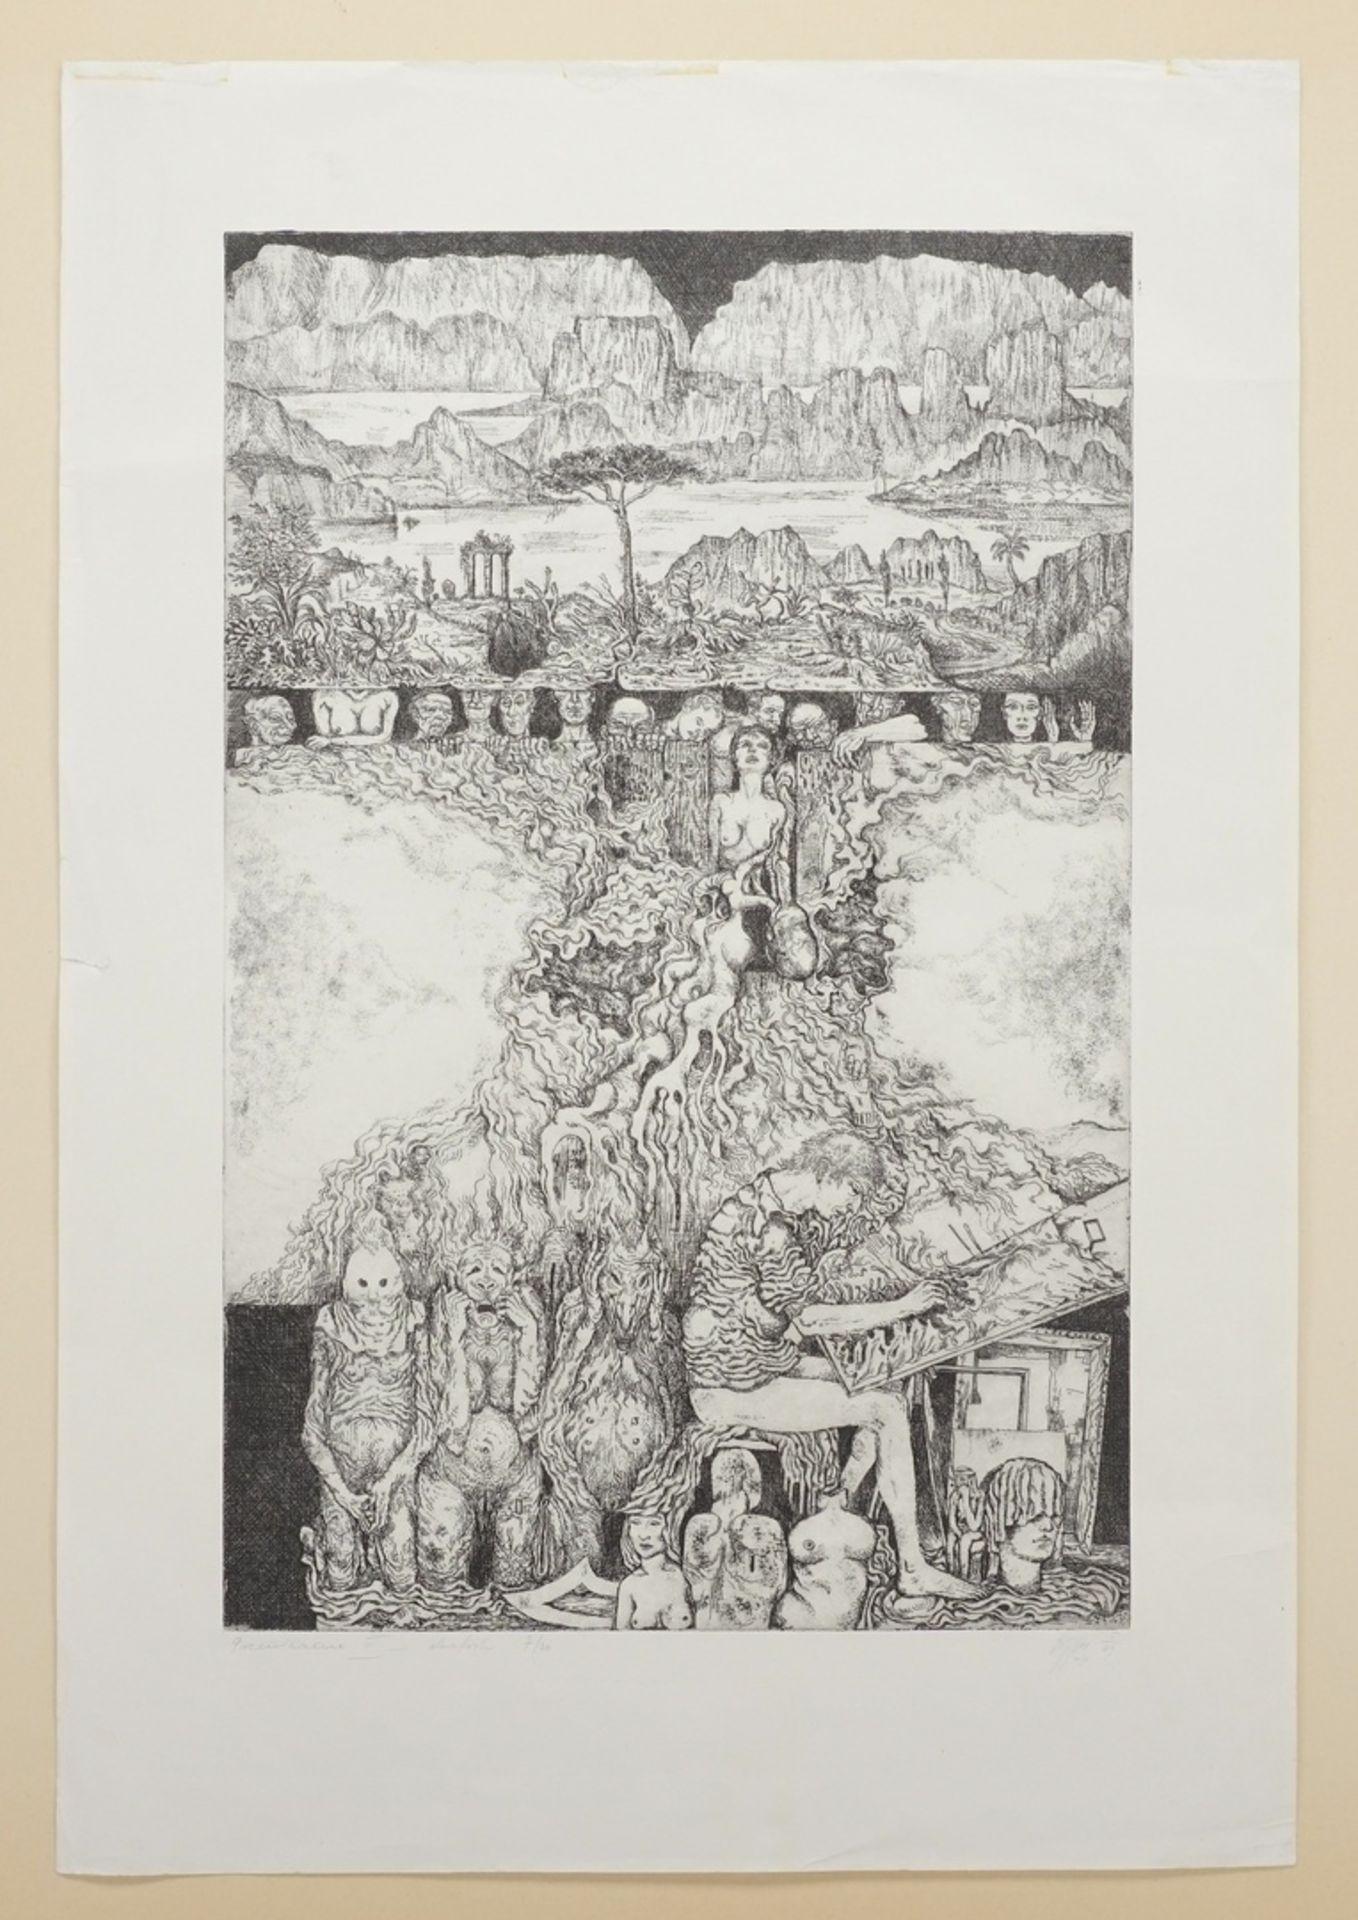 Unbekannter Radier-Künstler, Phantastisch-groteske Szene - Bild 3 aus 4